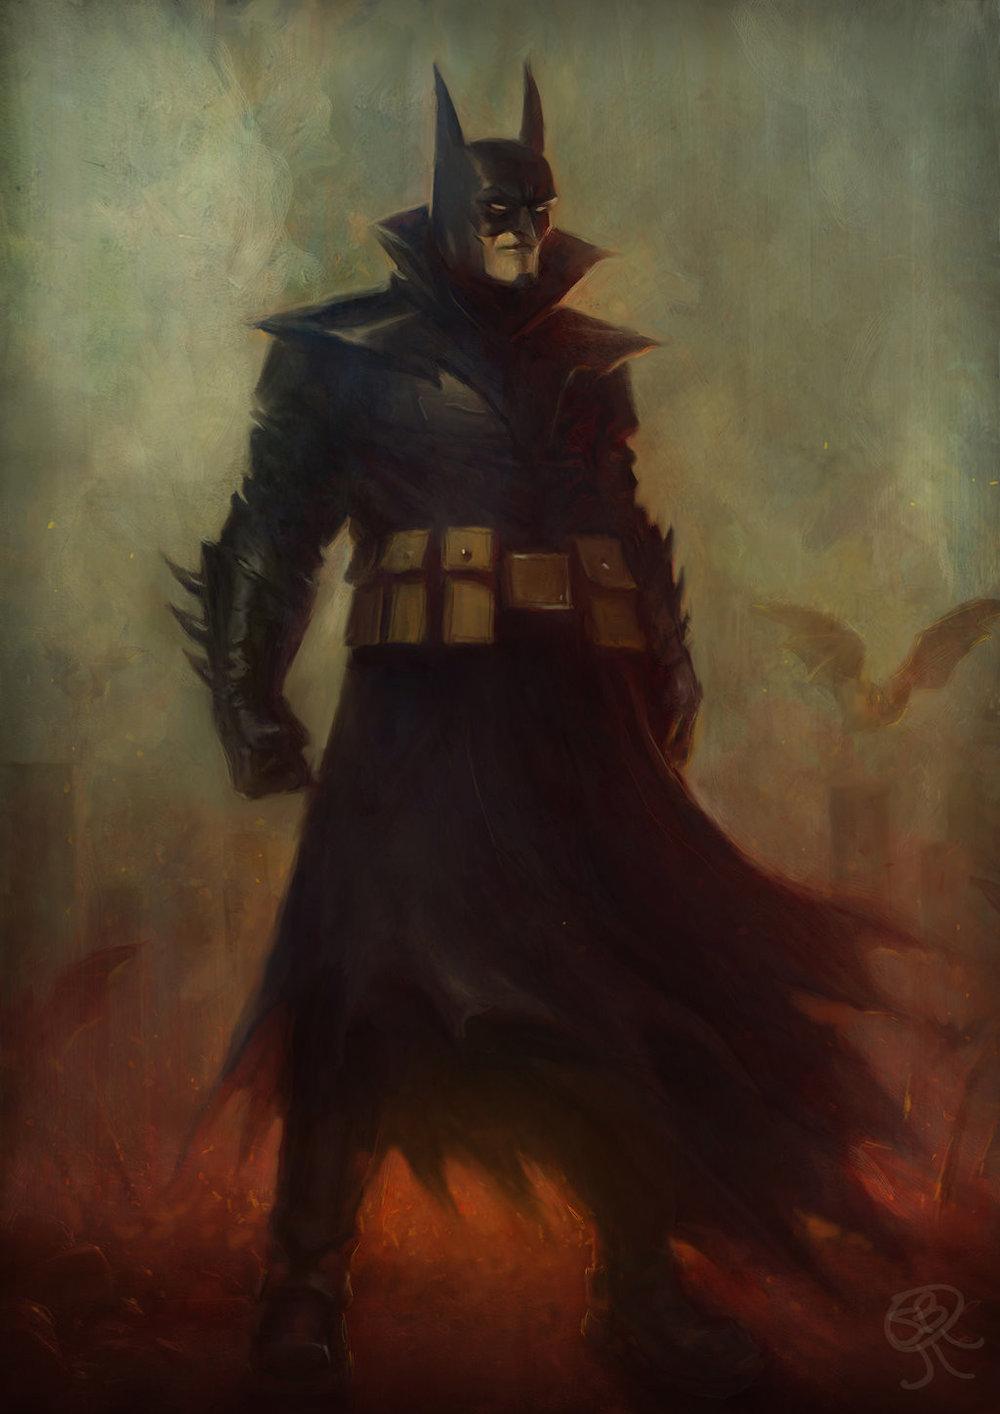 serge-birault-batman-666-fan-art-by-papaninja-d7rnrap.jpg